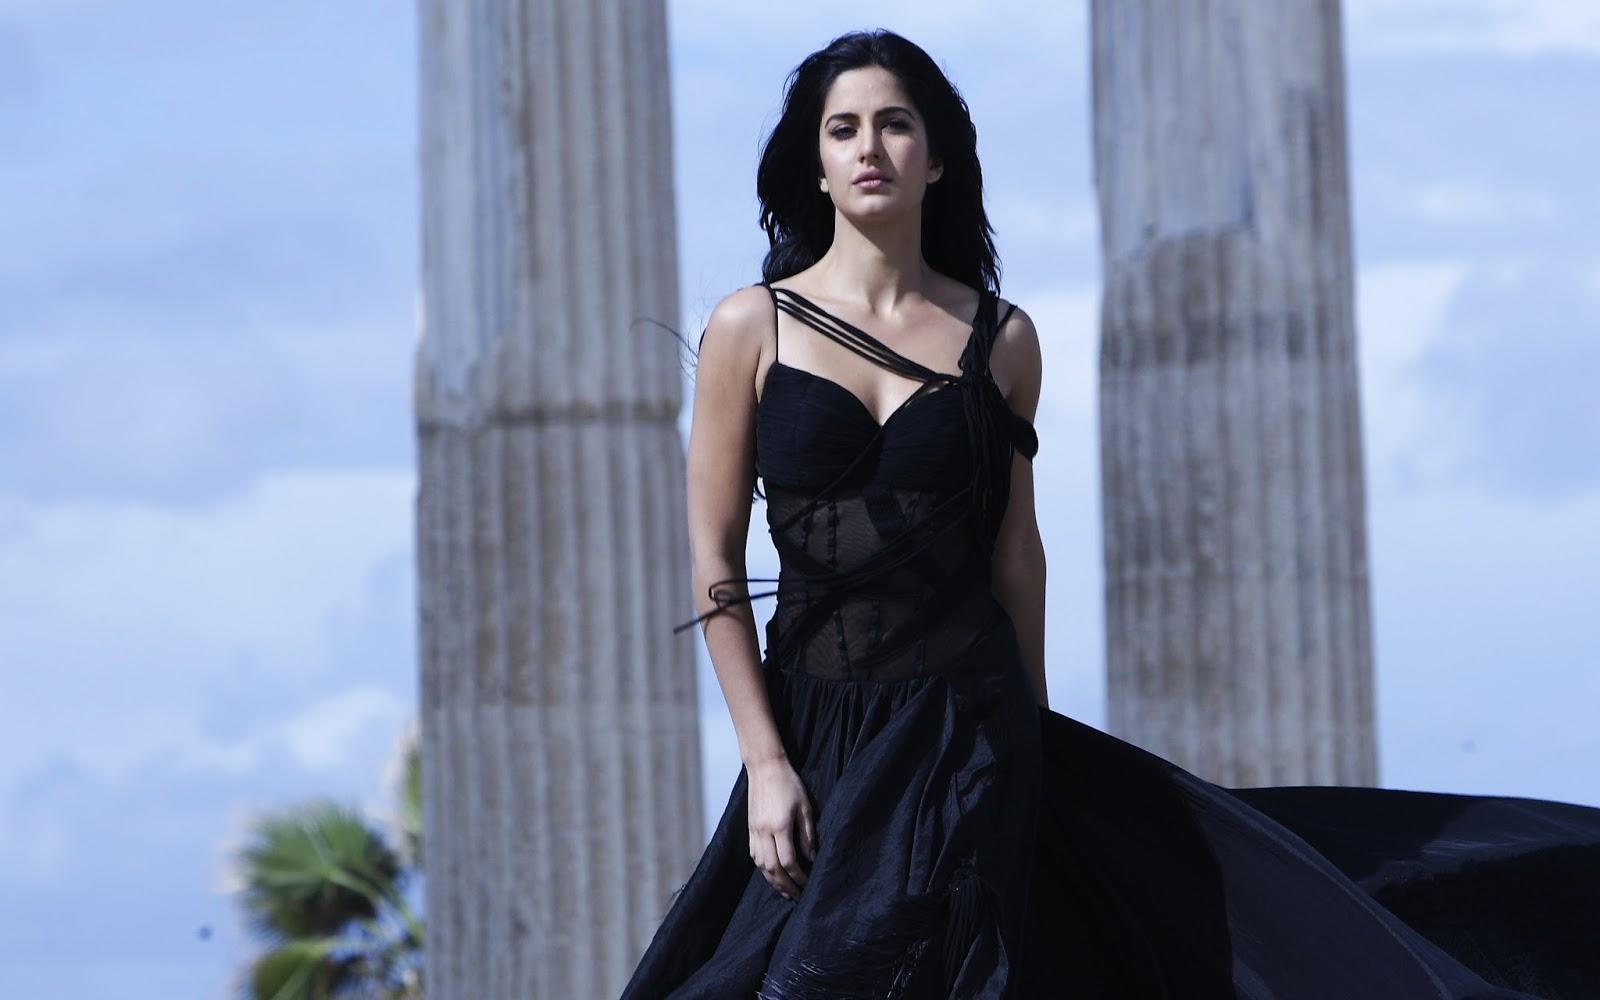 Bollywood Actress Katrina Kaif Hd Wallpapers, Hd Images -5397